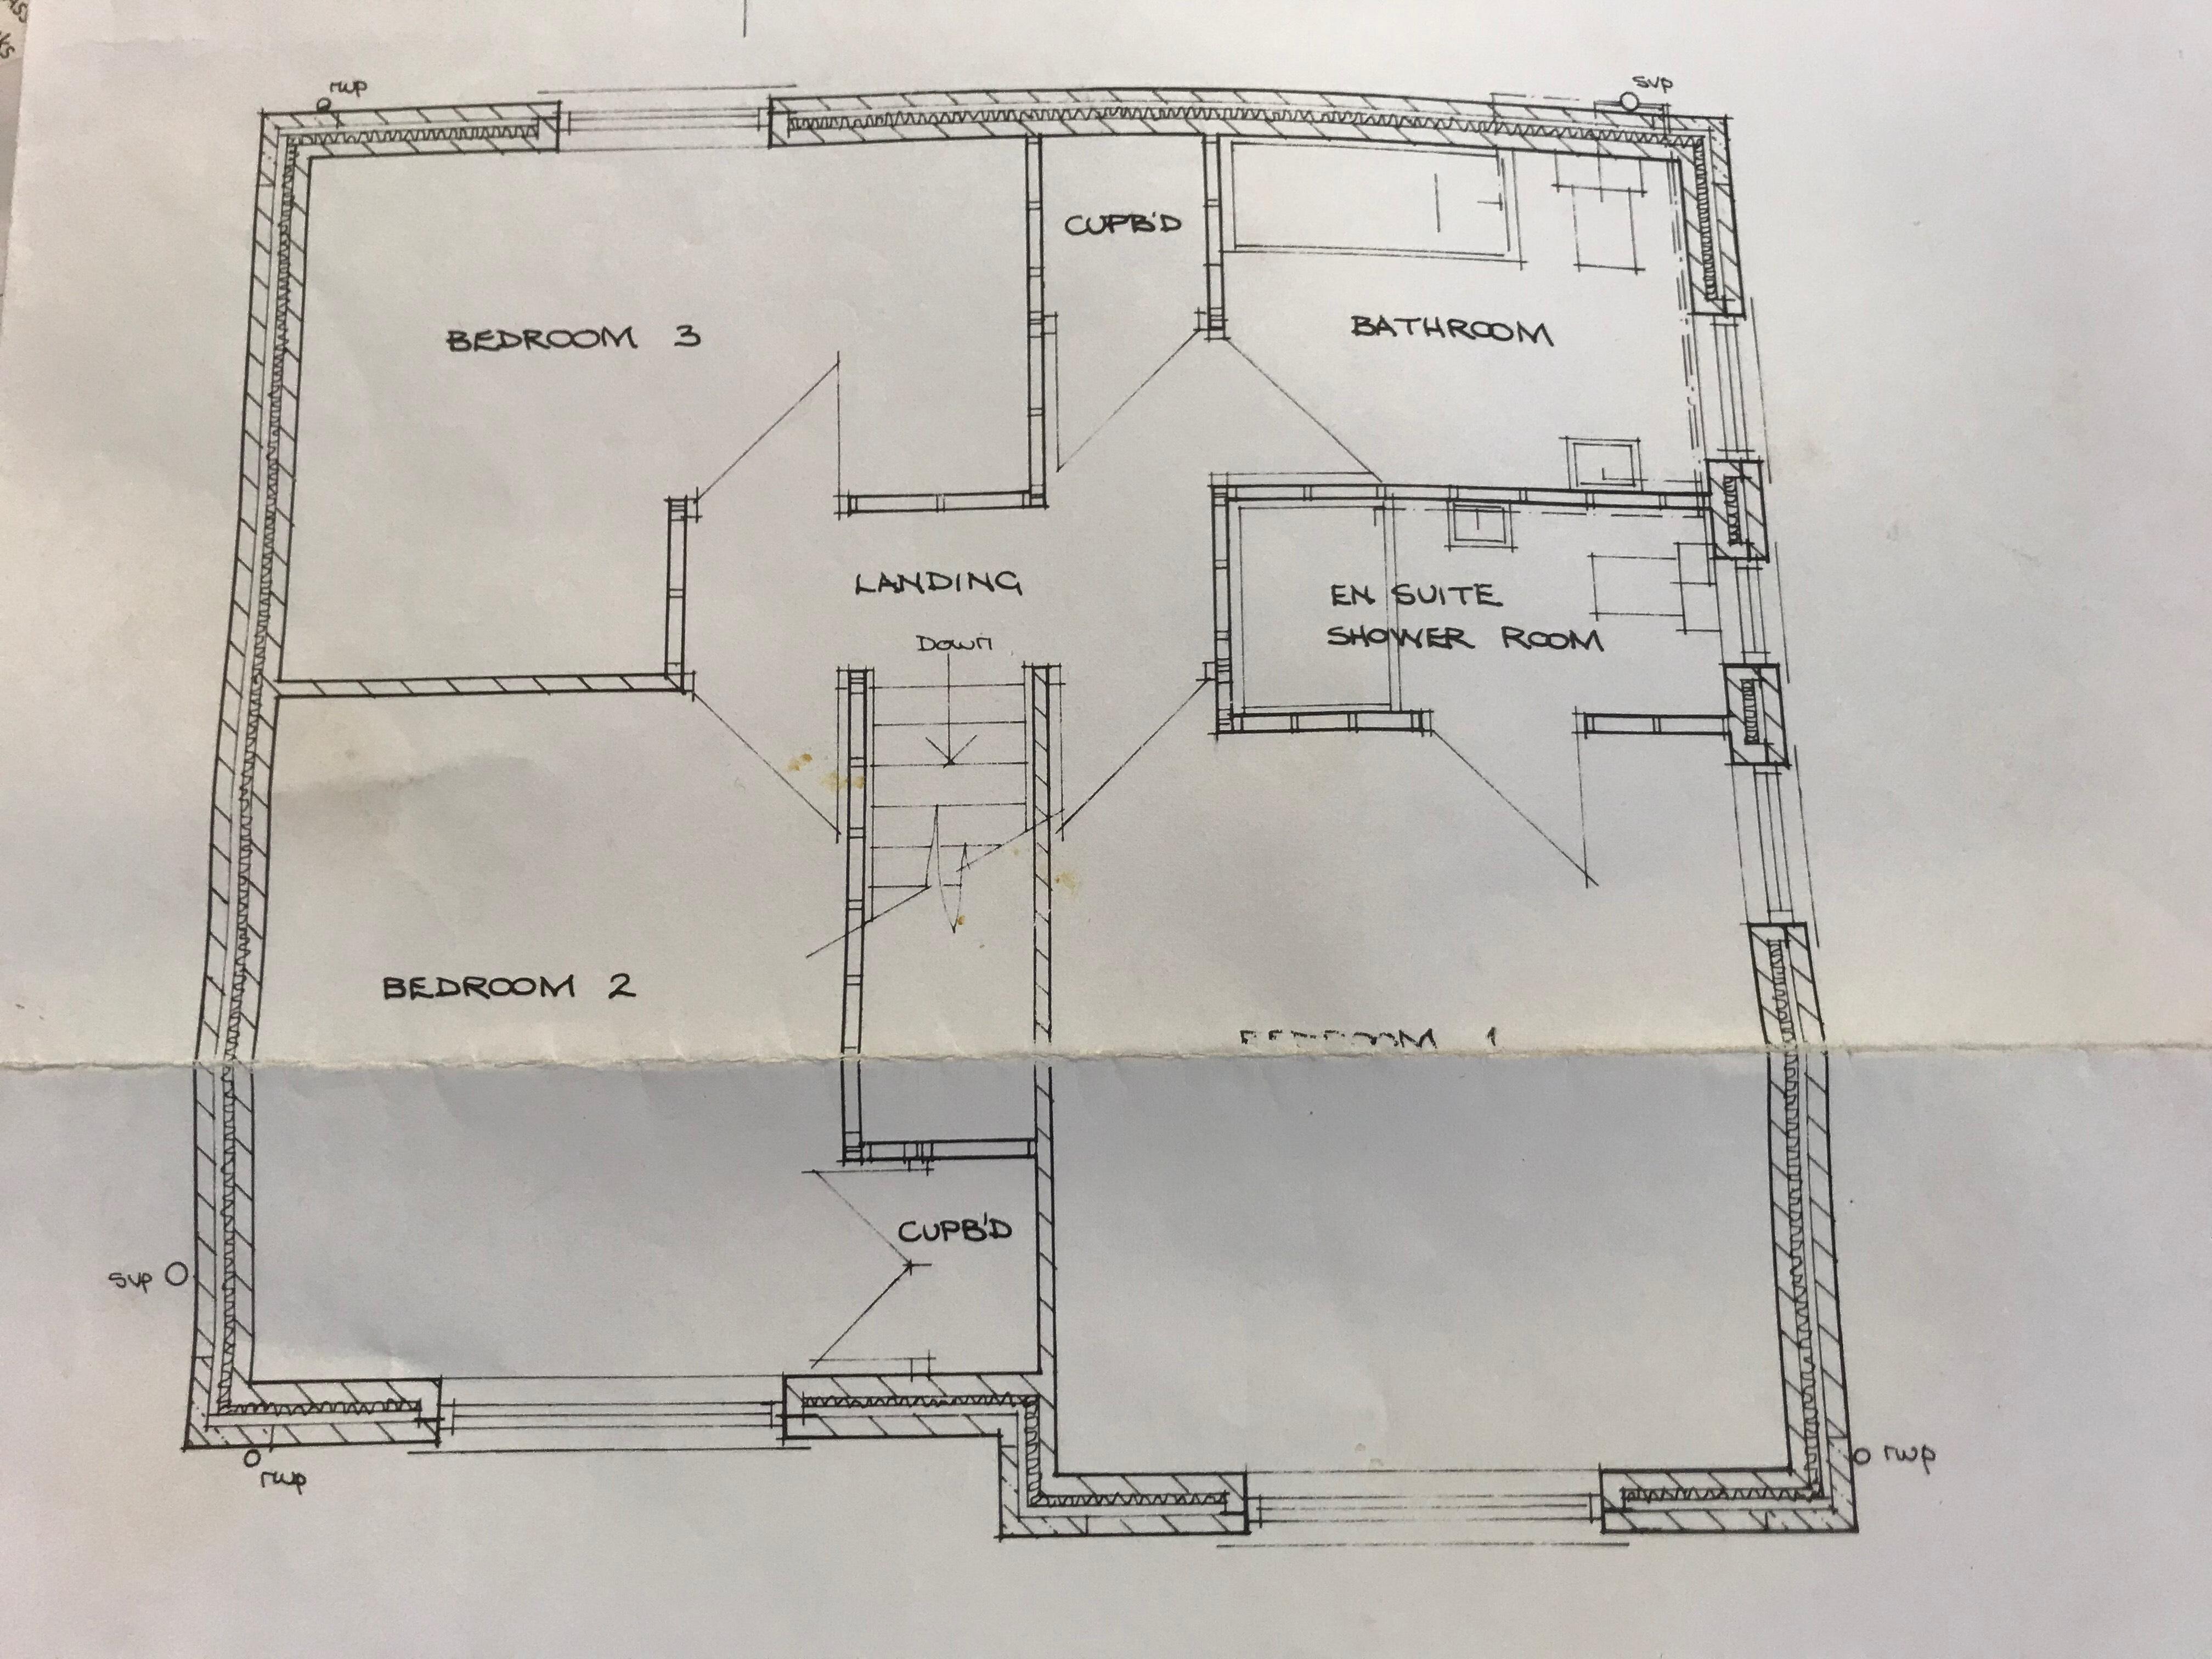 Groß Uk Haus Schaltplan Zeitgenössisch - Der Schaltplan - triangre ...